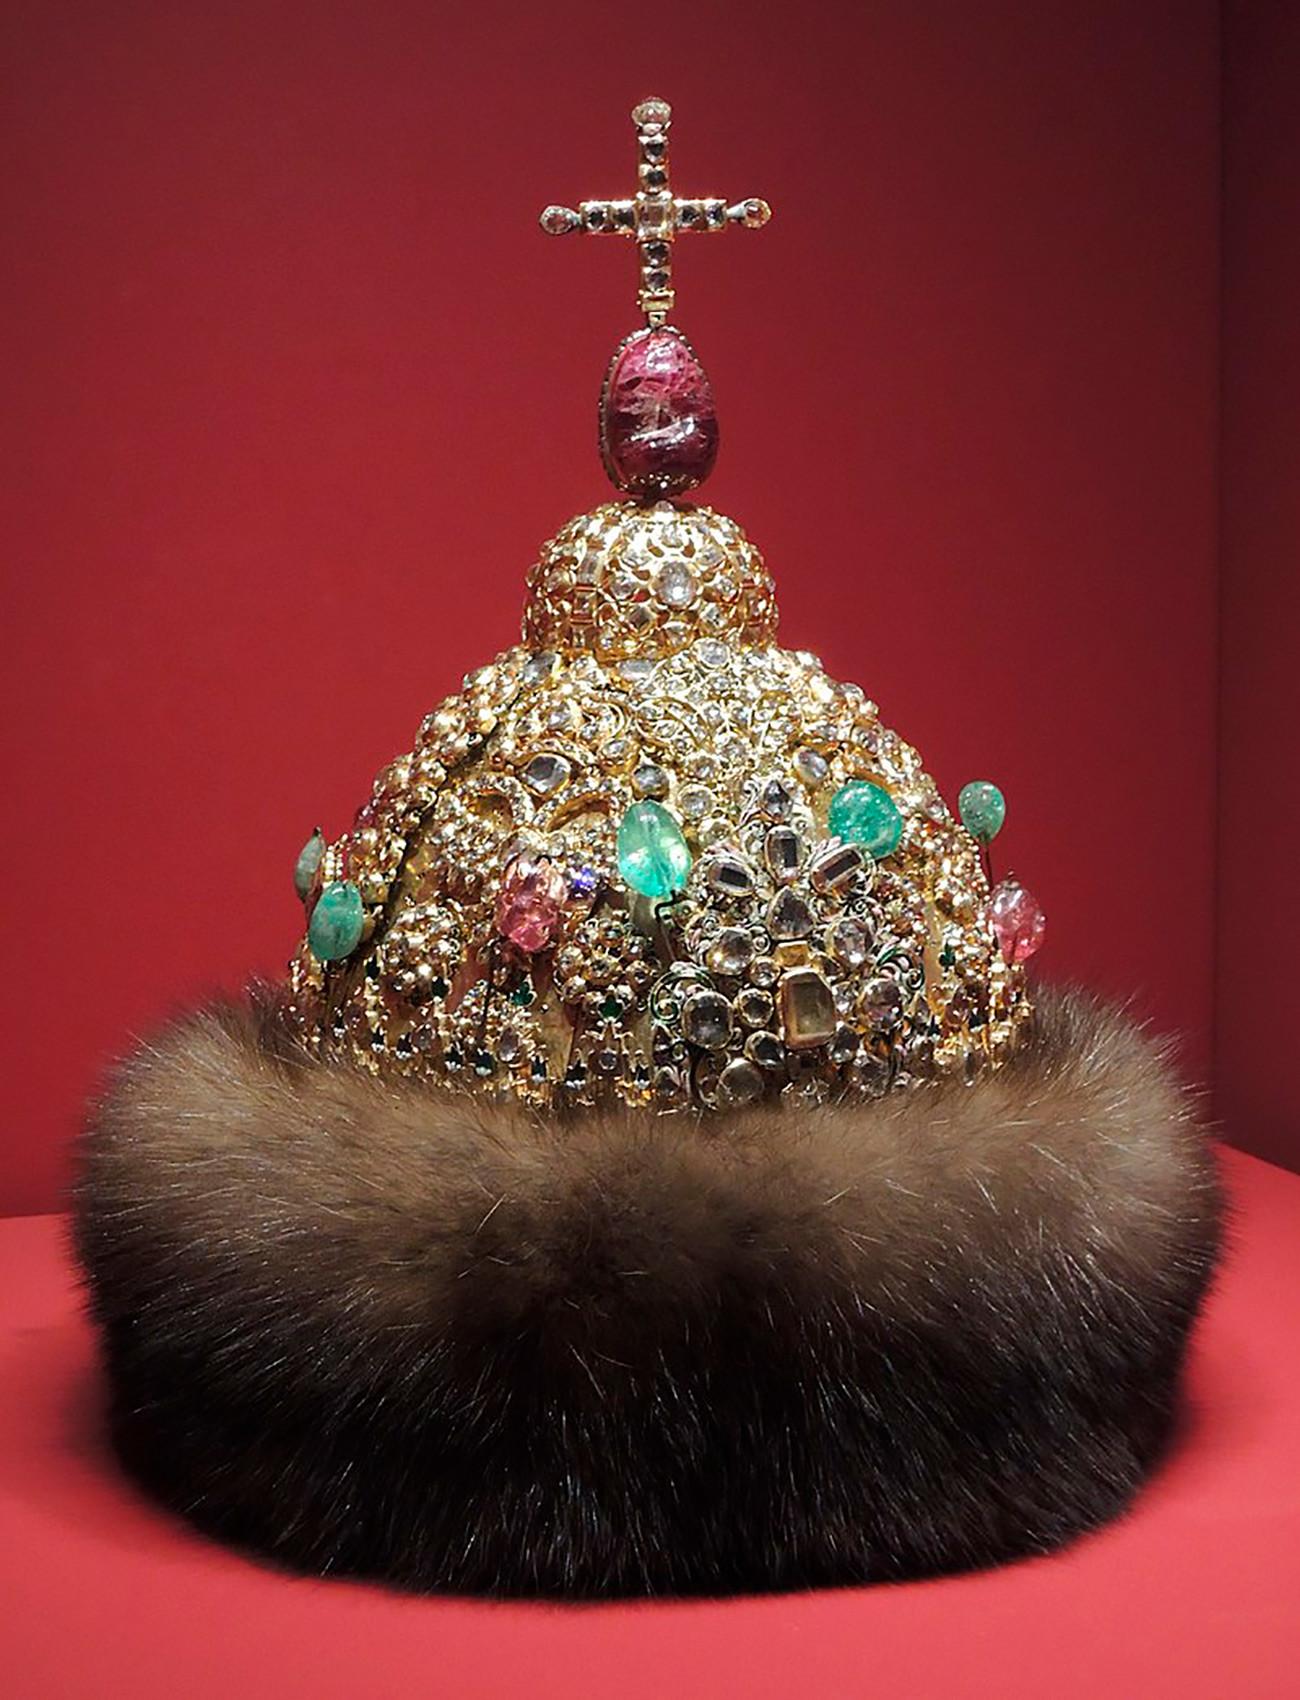 БРИЛИЈАНТСКА КРУНА   Радионице московског Кремља, око 1680.  Сребро, злато, драго камење, брилијанти; ливење, искуцавање, гравирање